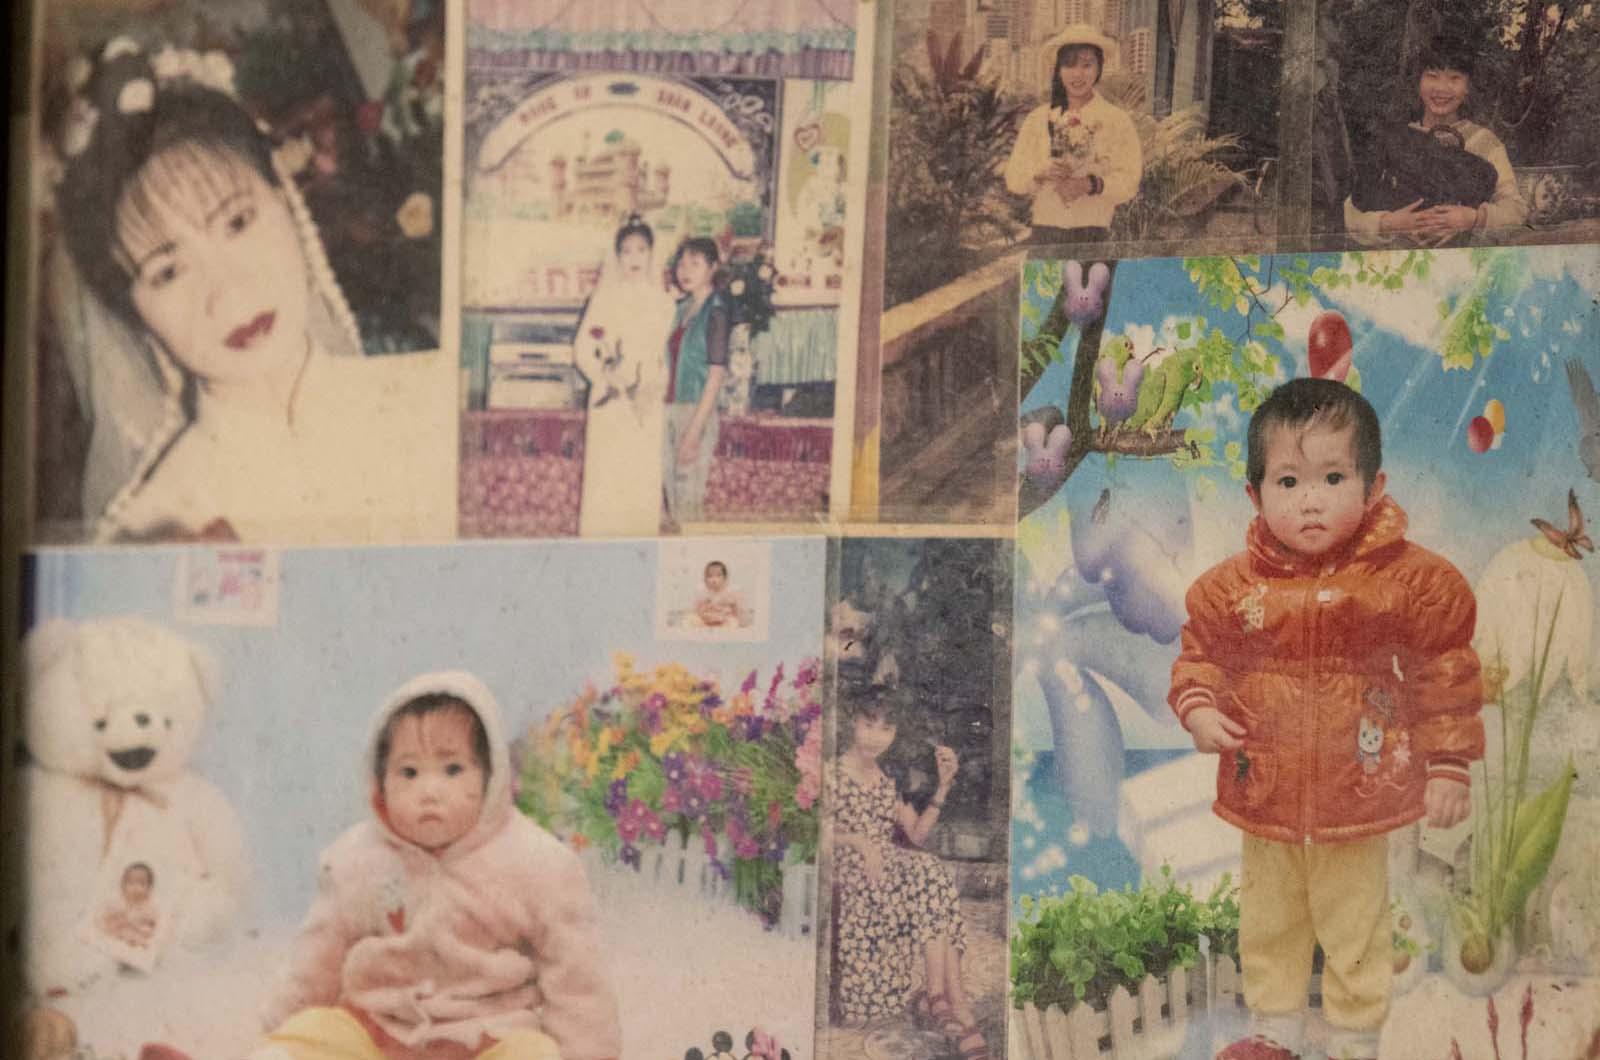 Thiên thần 7 tuổi 2 lần mồ côi mẹ, tự tay chăm sóc bố mắc bạo bệnh và giấc mơ nhói lòng - 12